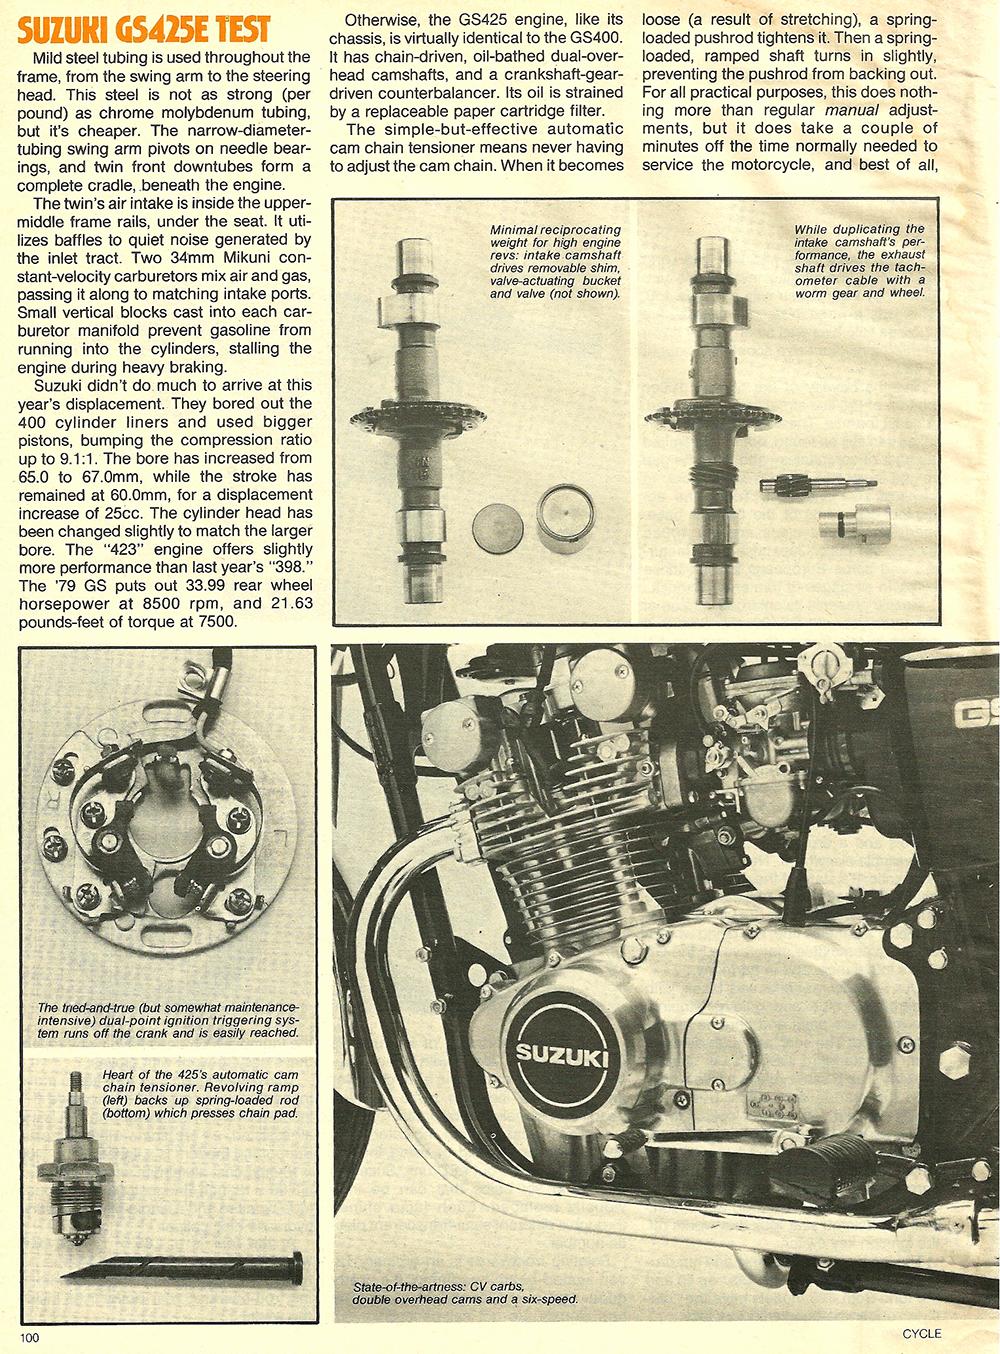 1979 Suzuki GS425E road test 03.jpg